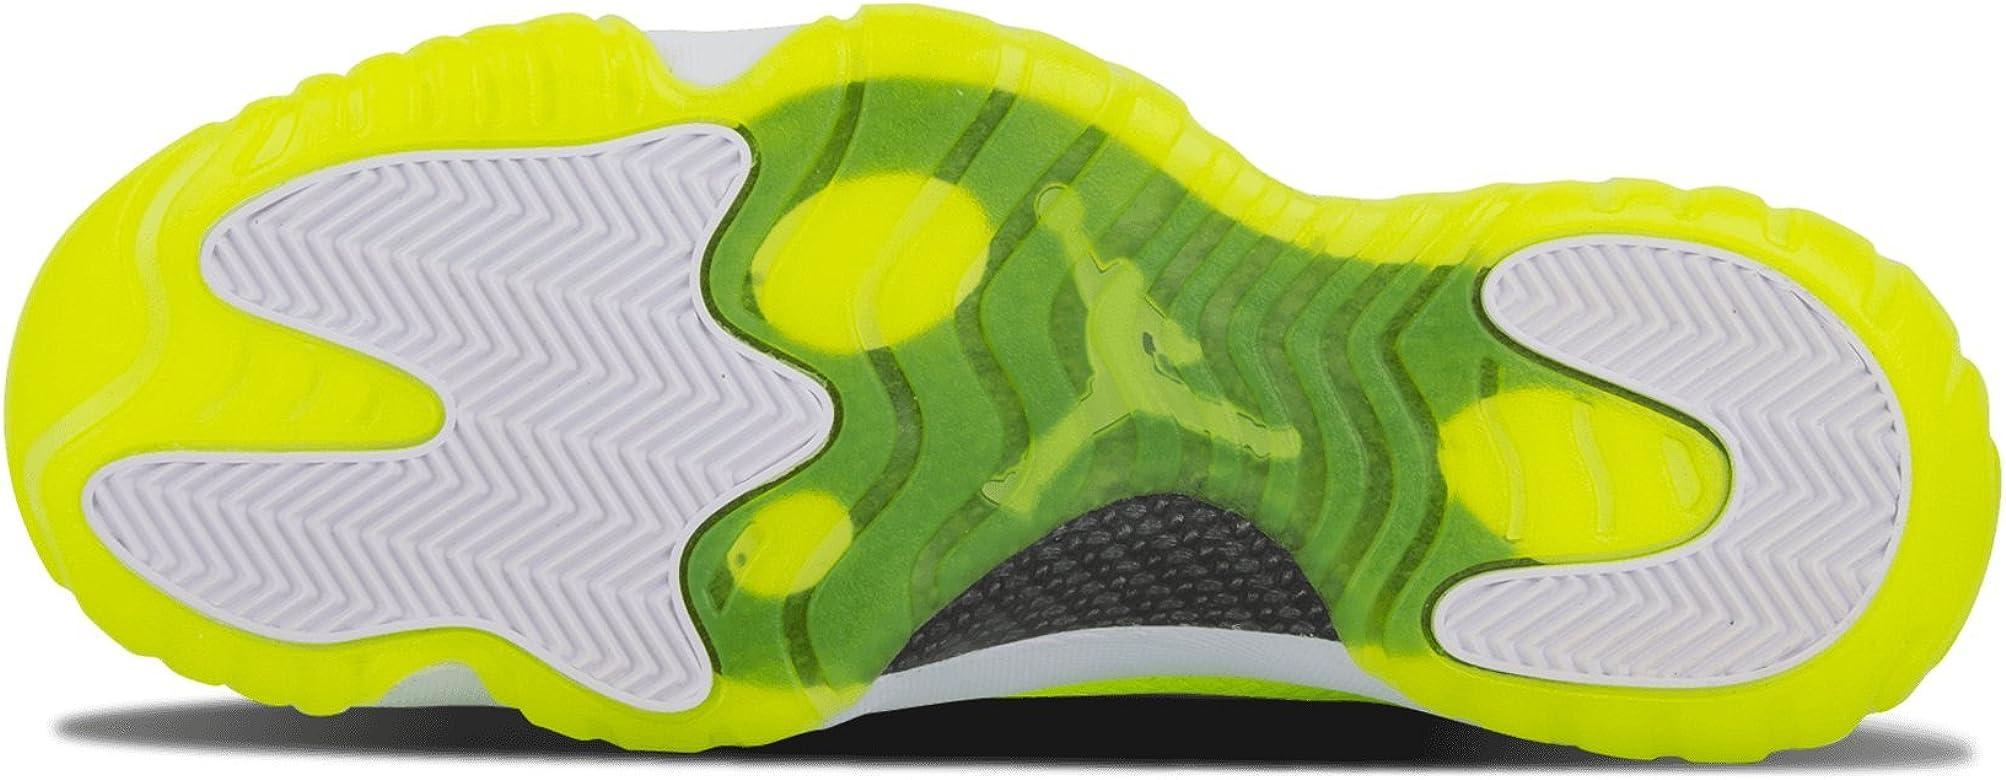 Air Max 95 Og, blanco / verde esmeralda de la cancha verde azul-pizarra nueva, 13 M US: Amazon.es: Zapatos y complementos